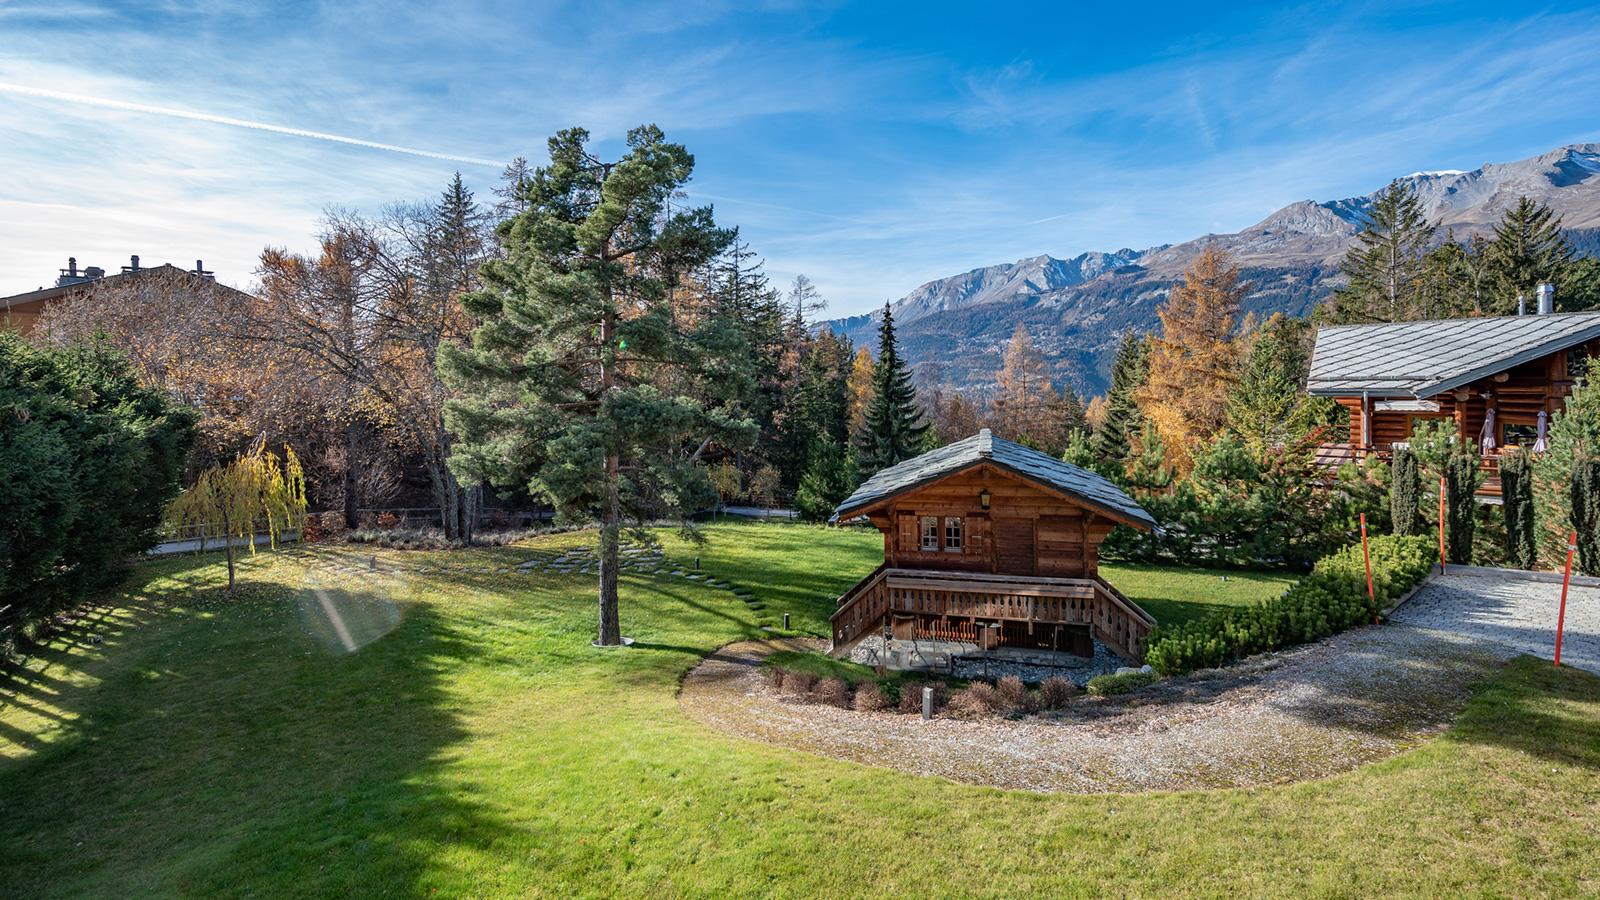 Chalet Jardin Chalet, Switzerland